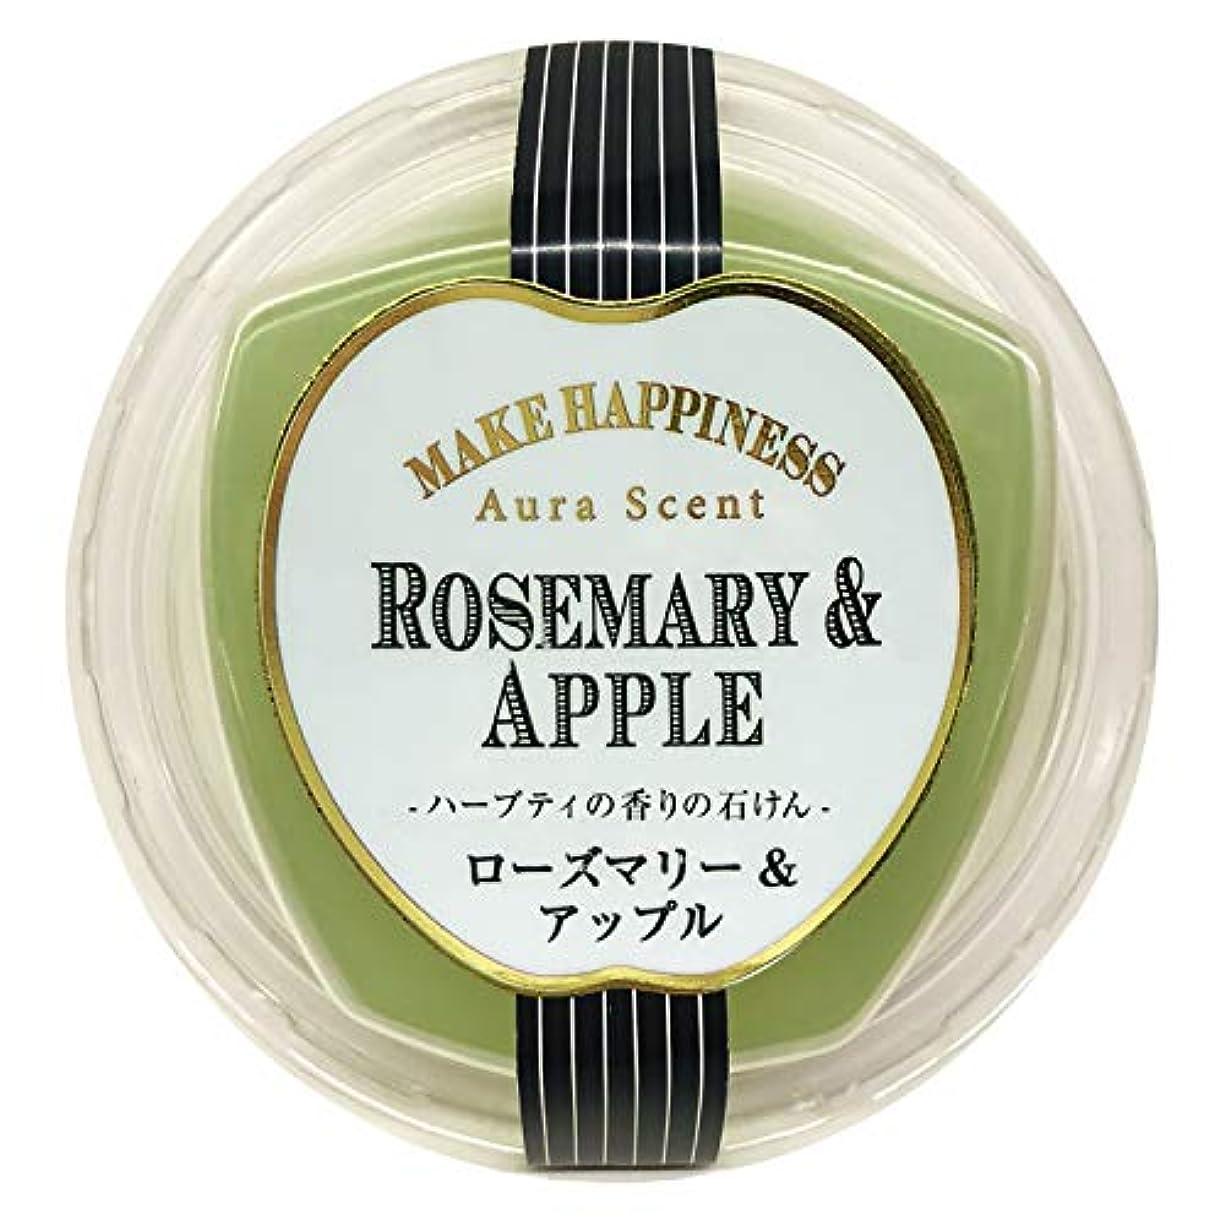 ベアリングサークル今晩広大なペリカン石鹸 オーラセント クリアソープローズマリー&アップル 75g